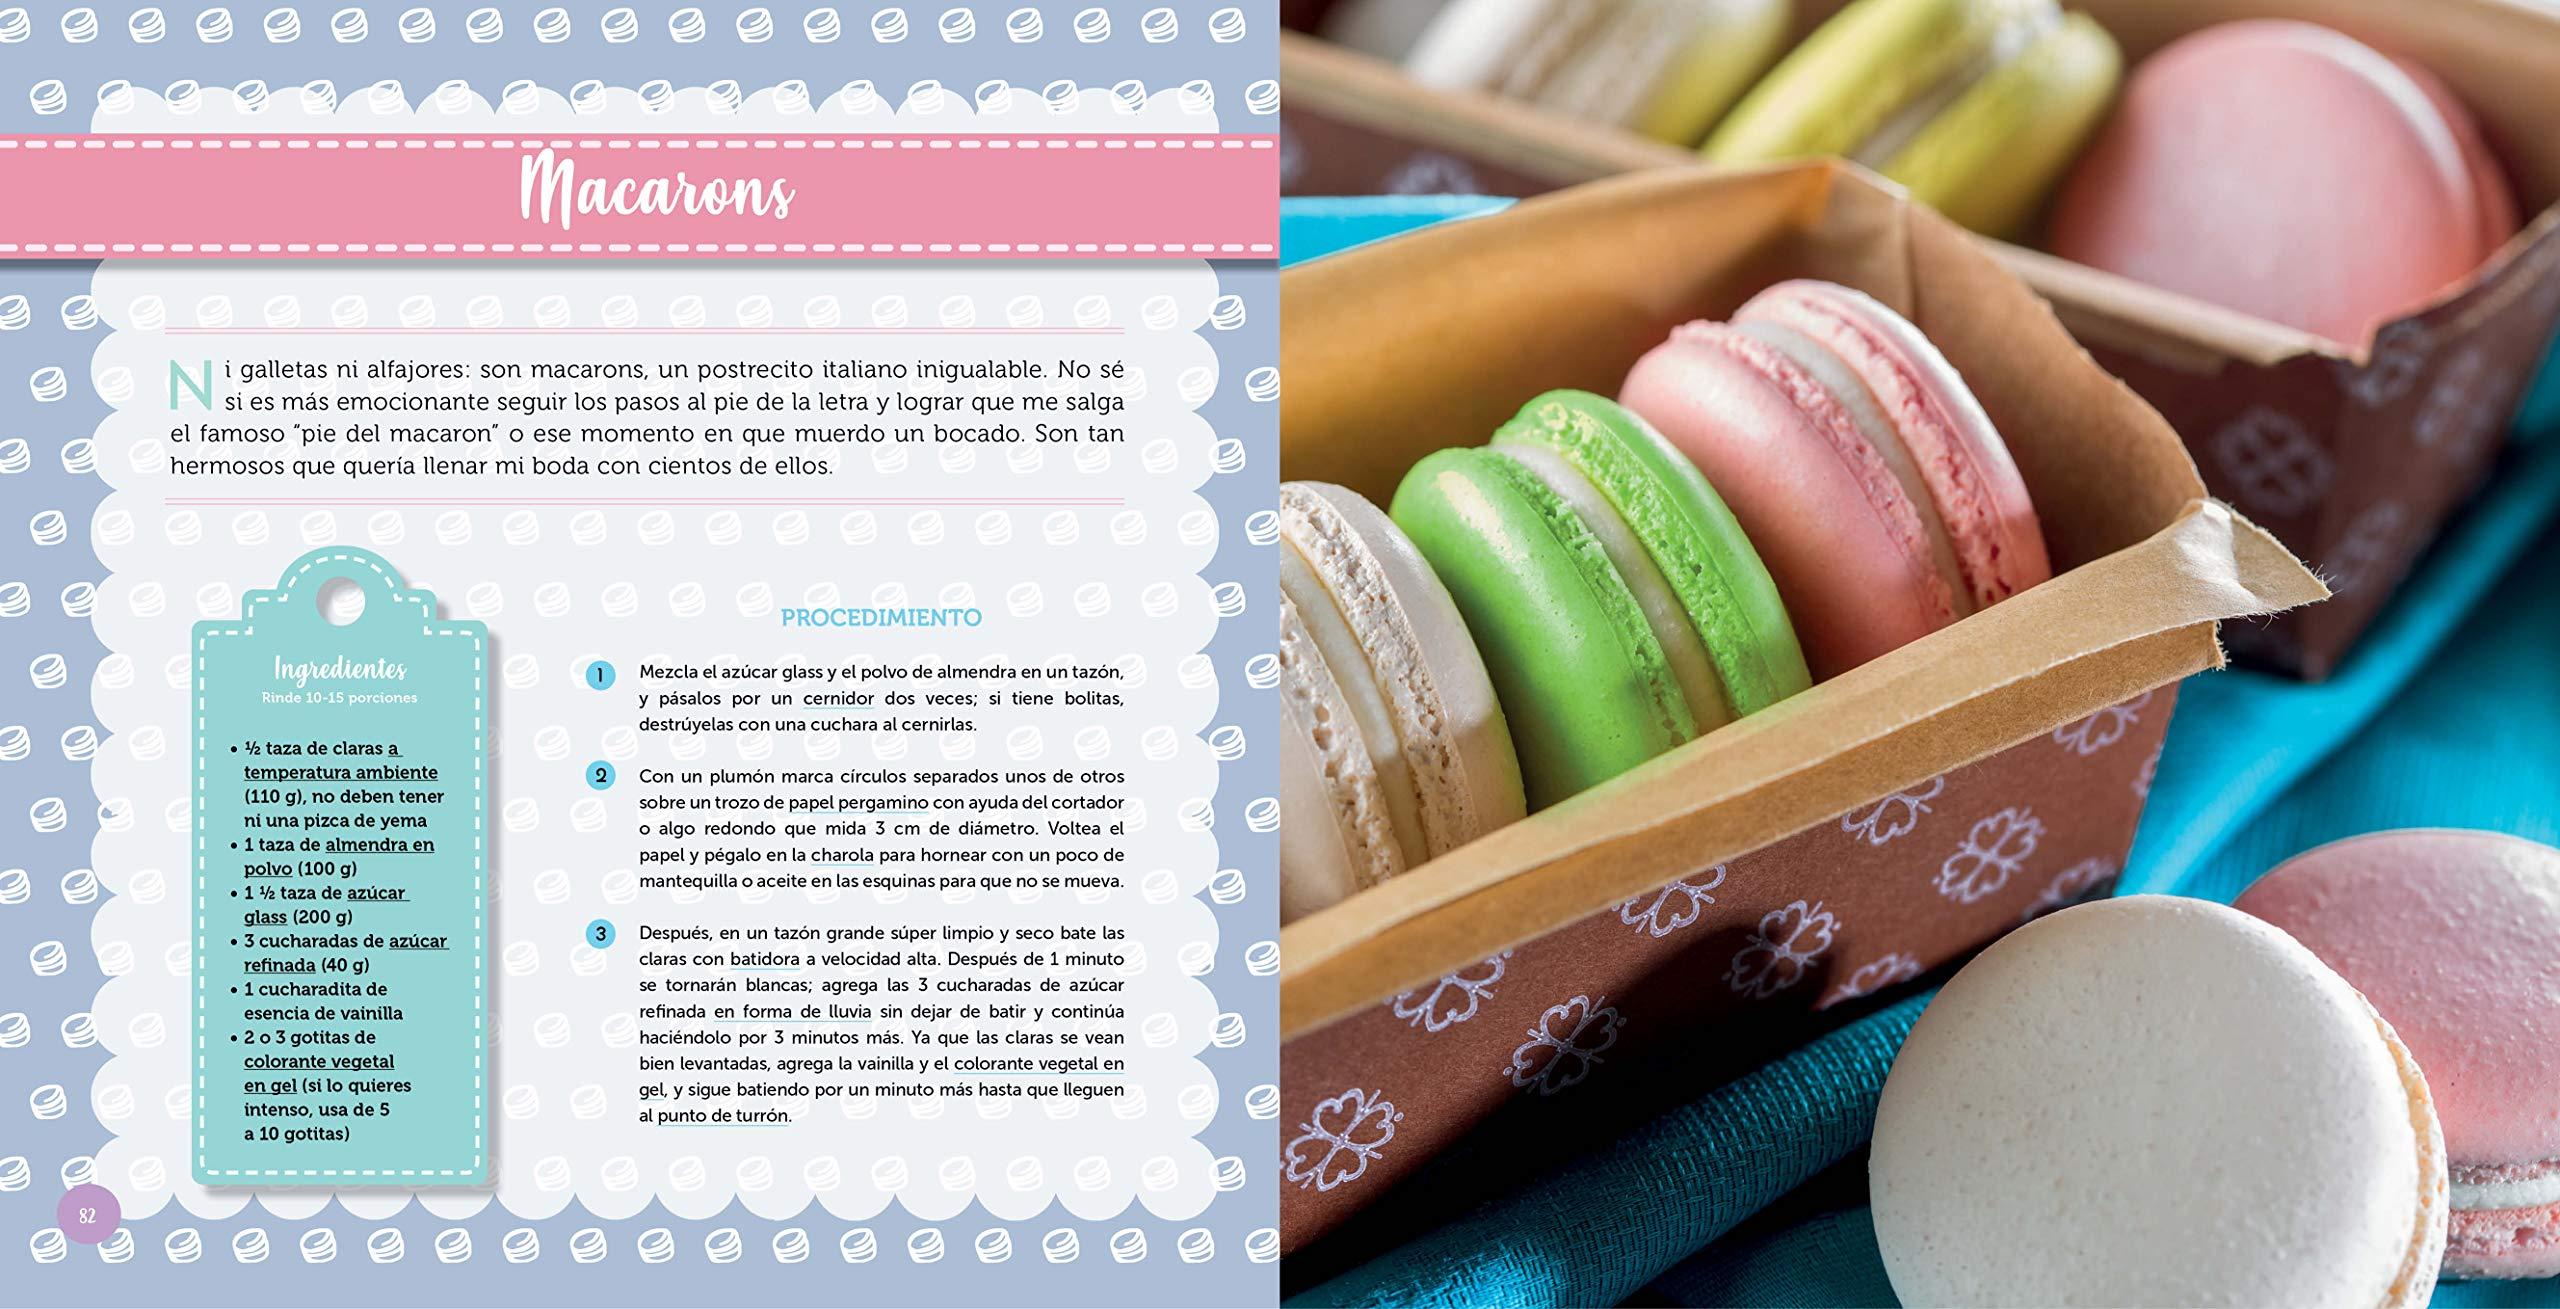 Mis Pastelitos Recetario Dulce Y Eshpeshial Spanish 9786073171564 Verduzco Gris Books